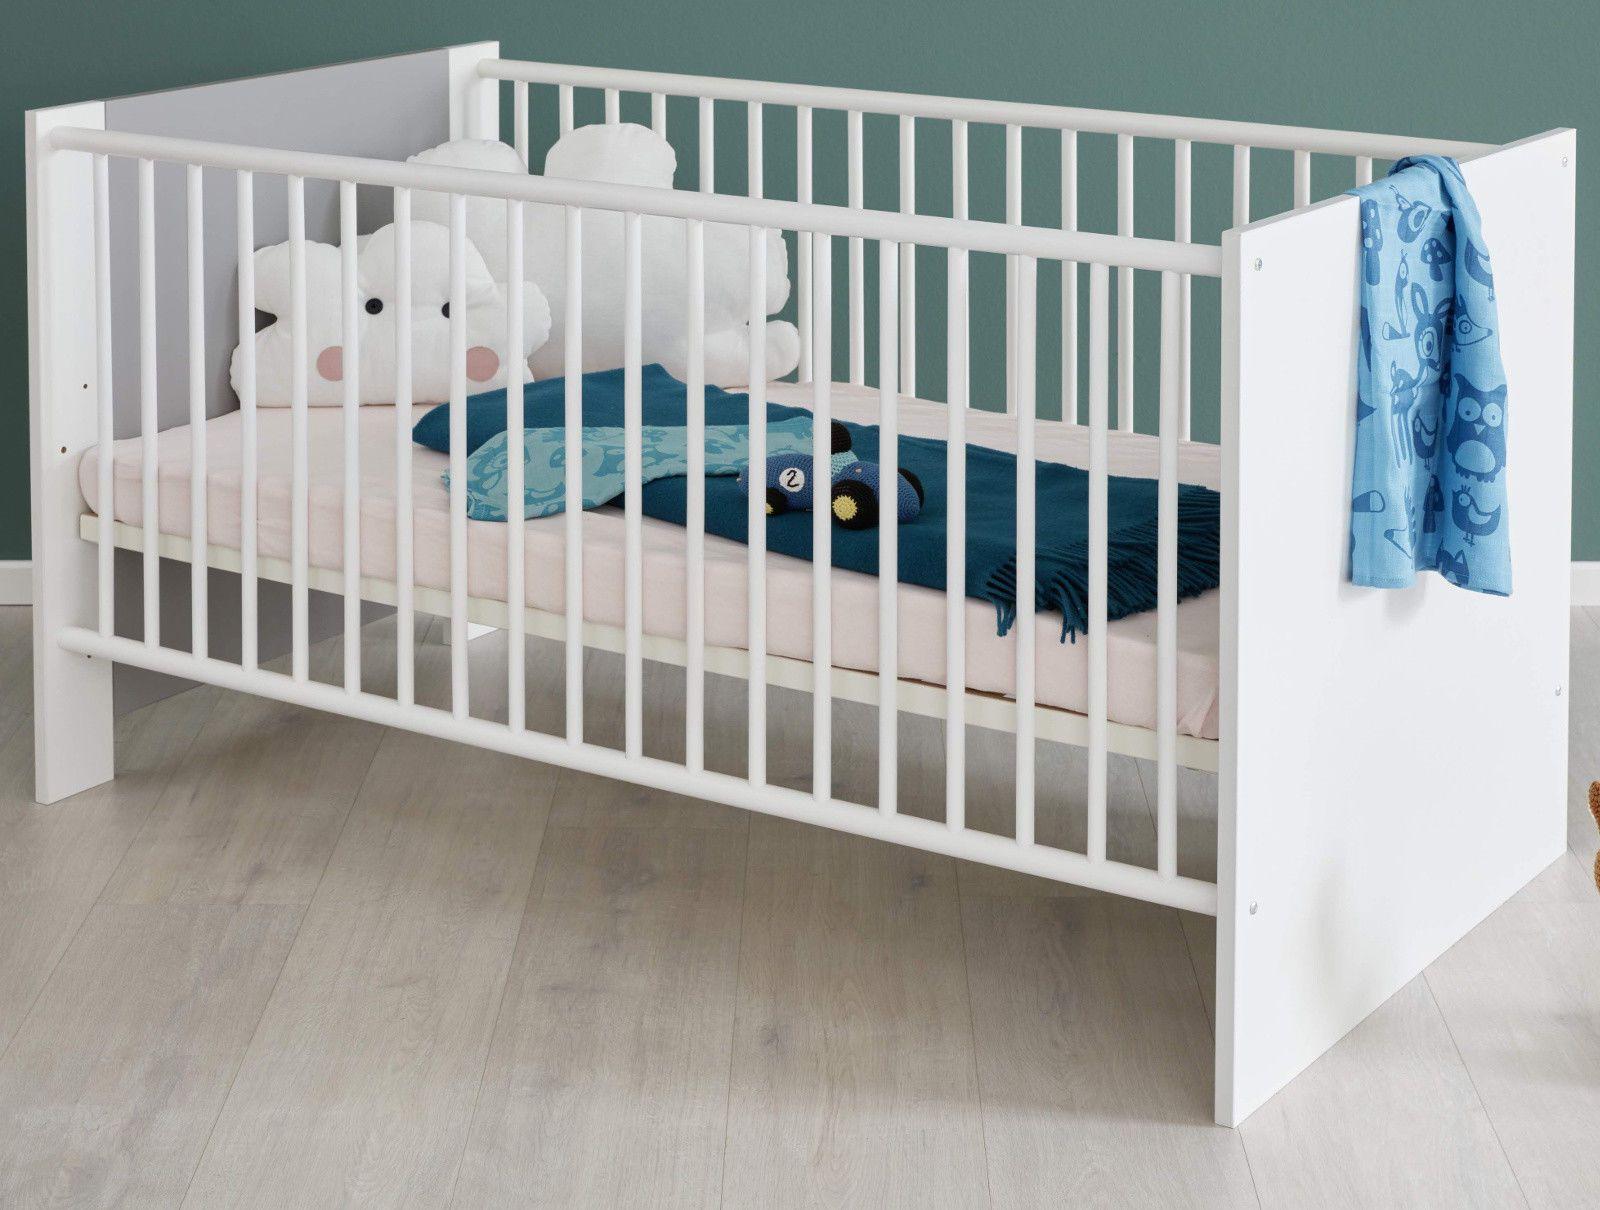 Aldi Sud Babybett Extrem Gunstig Online Kaufen Babyzimmer Weiss Babyzimmer Zimmer